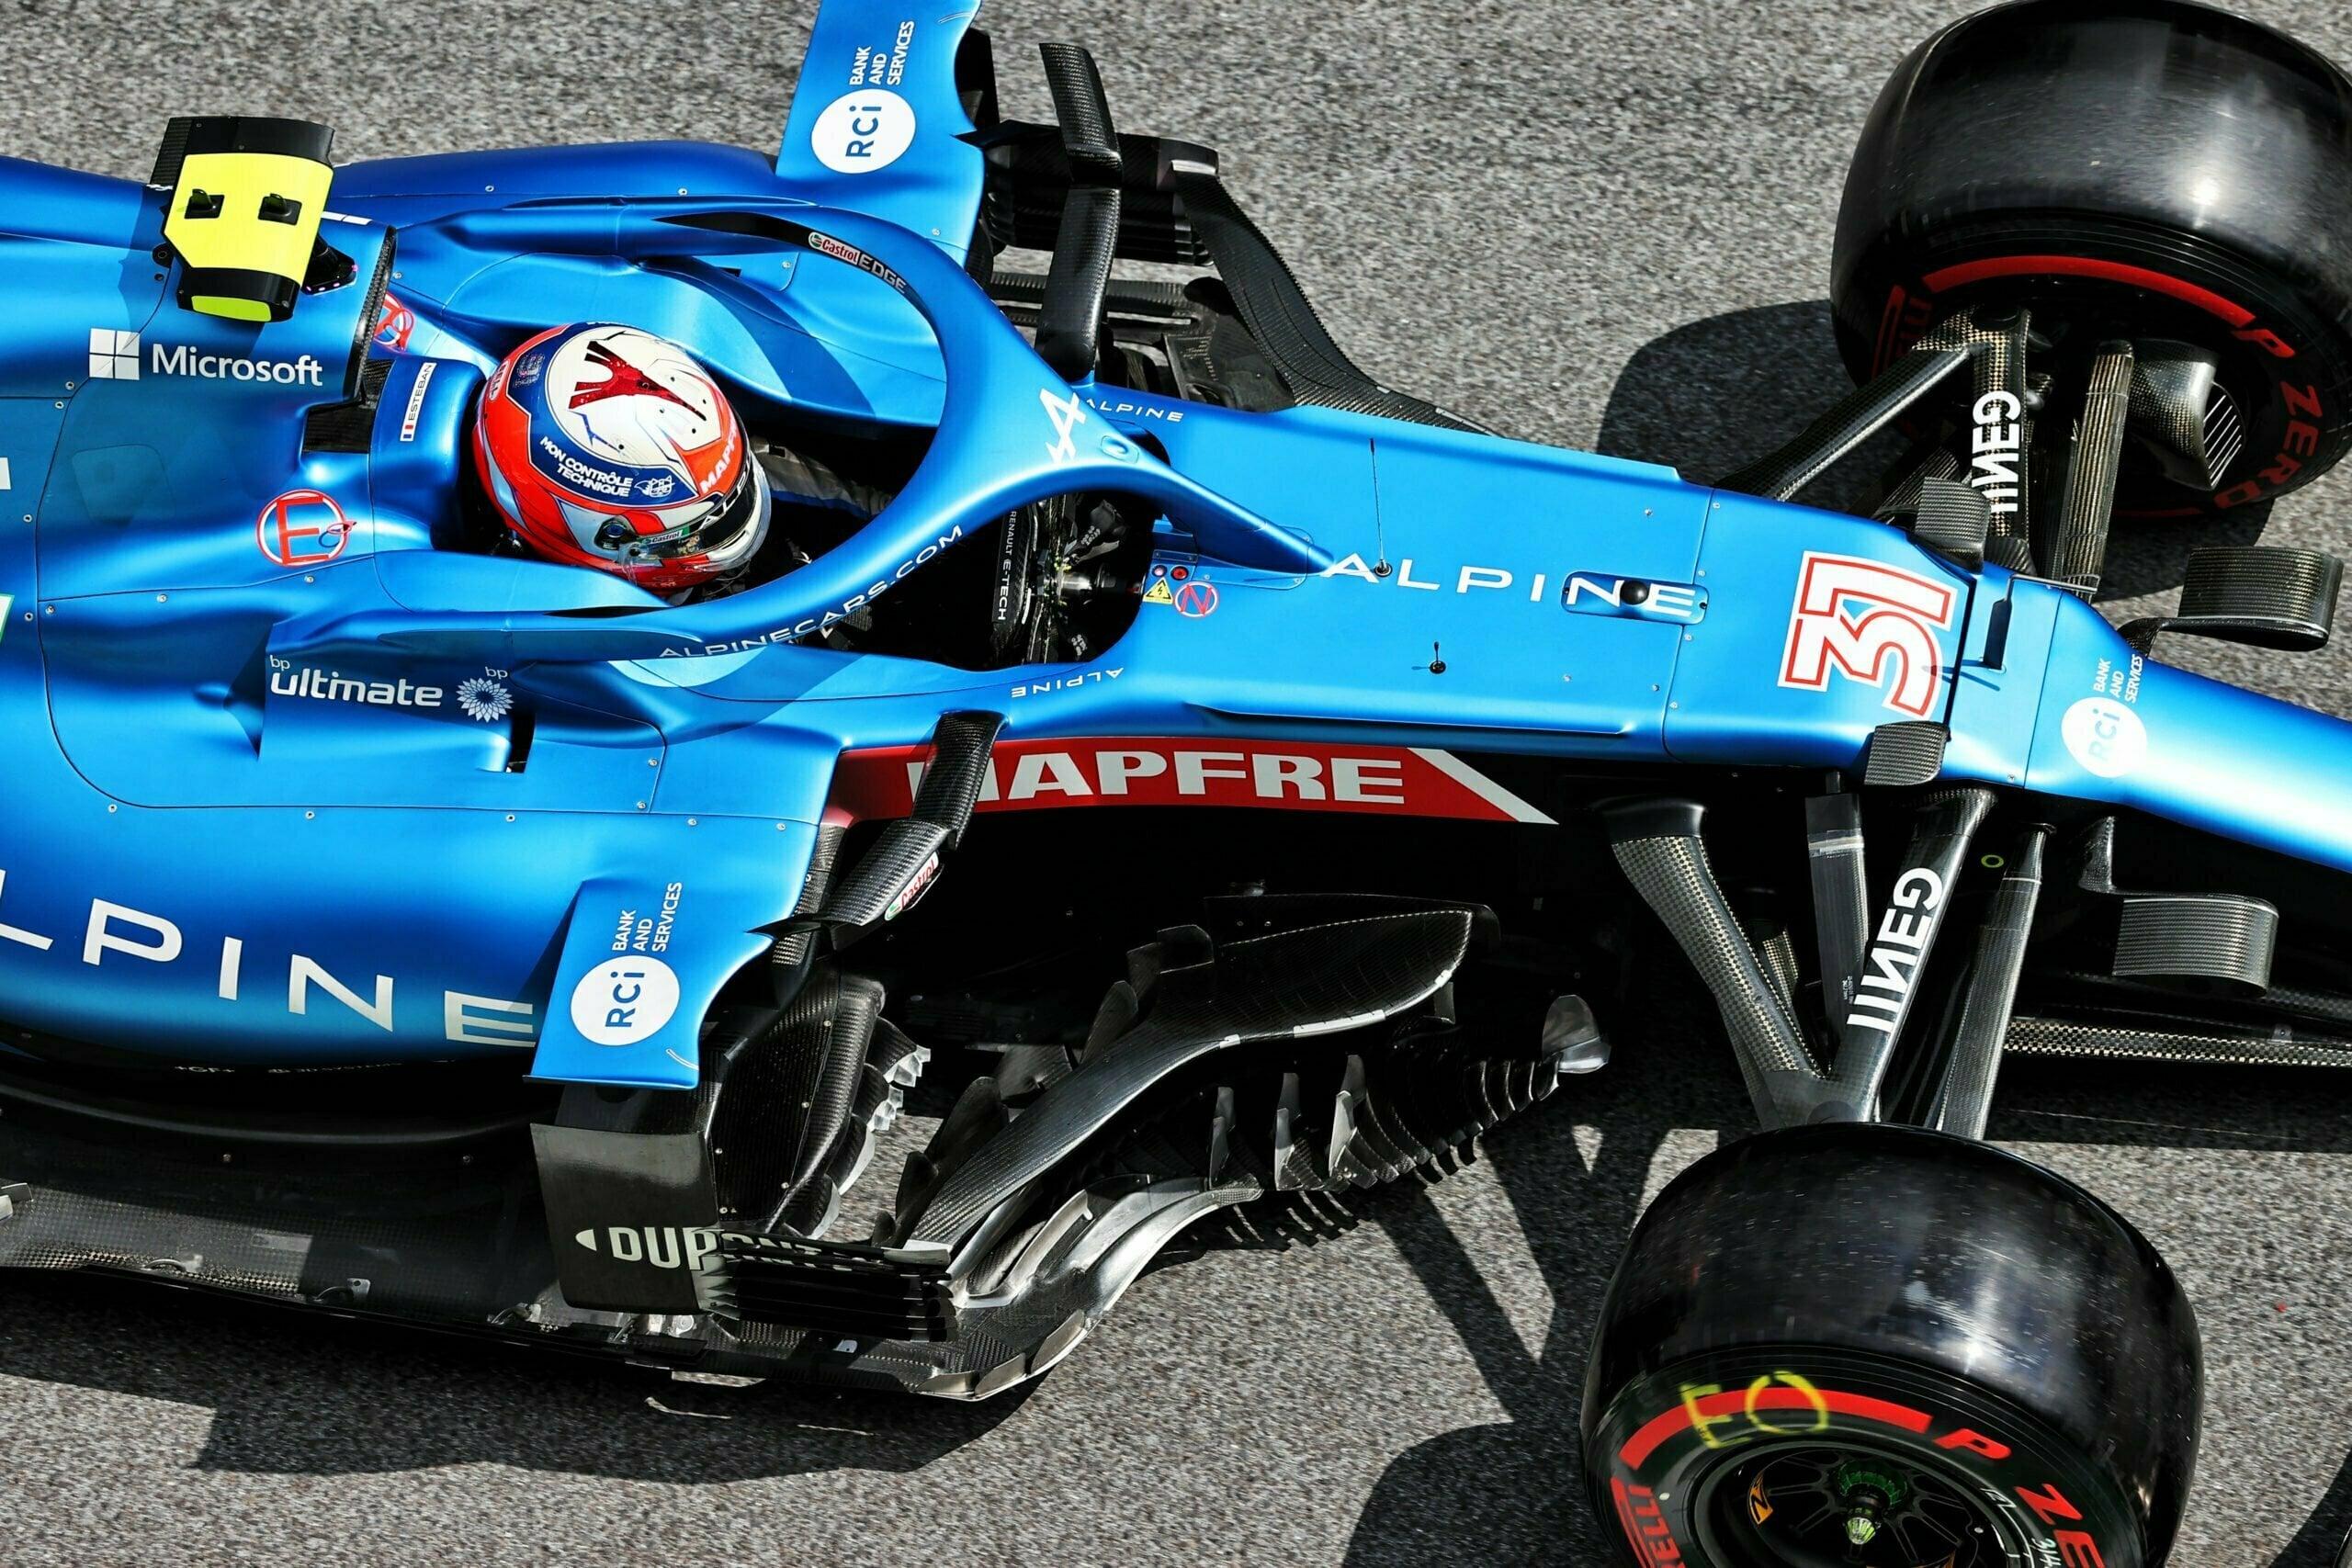 Alpine F1 Team Alonso Ocon Autriche Steiermark Grand Prix Spielberg A521 2021 34 scaled   Alpine F1 : Alonso réitère la Q3 et Ocon trébuche en Q1 à Spielberg